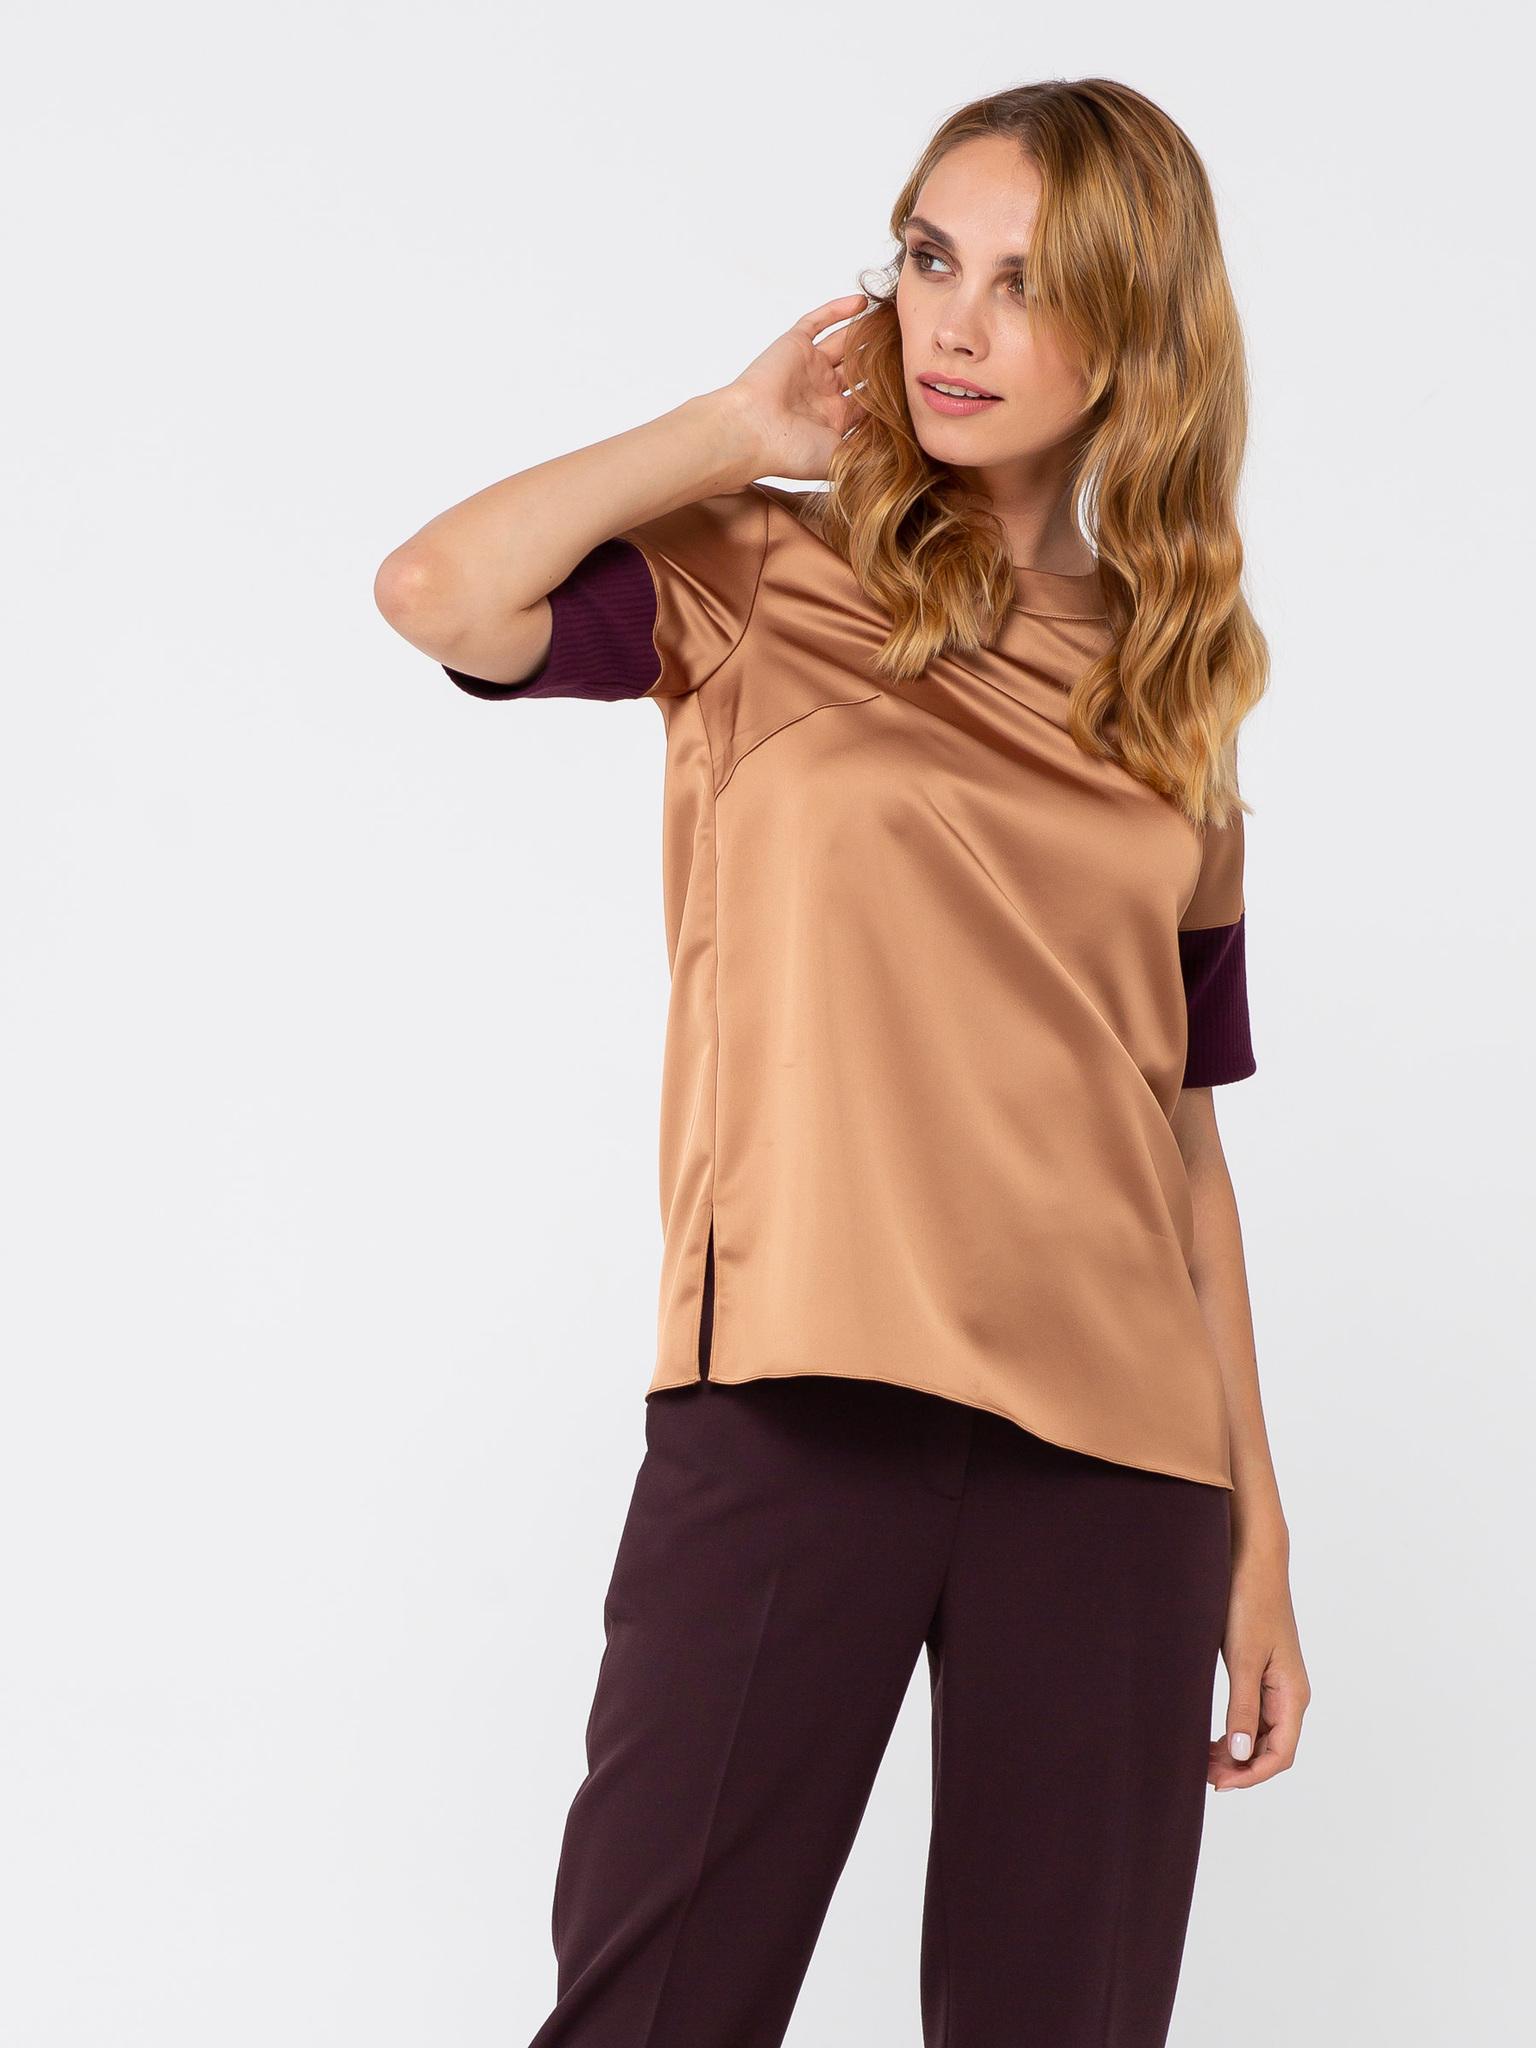 Блуза Г563-160 - Элегантная атласная блуза прямого силуэта. Рукав до локтя обработан широким манжетам из фактурной ткани. Округлый вырез горловины с застежкой на пуговицу сзади. Можно носить как на выпуск, так и заправлять в юбку или брюки.